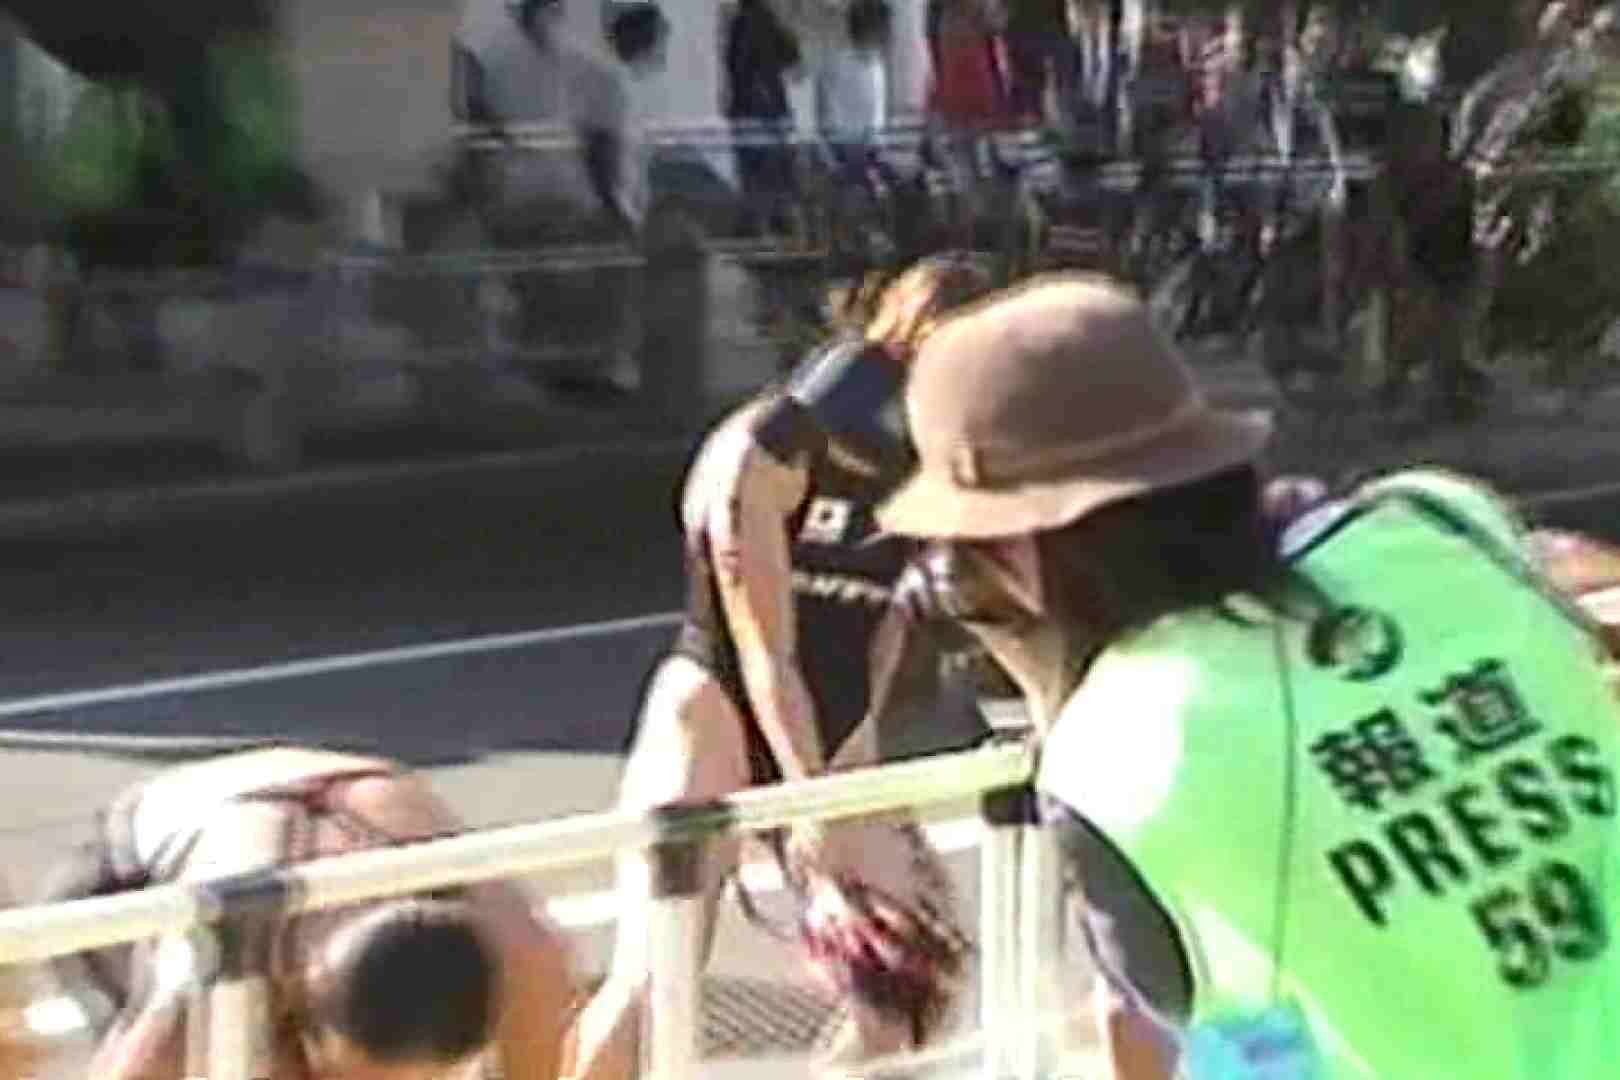 鉄人レース!!トライアスロンに挑む女性達!!Vol.8 アスリート系の女性 セックス無修正動画無料 84連発 79